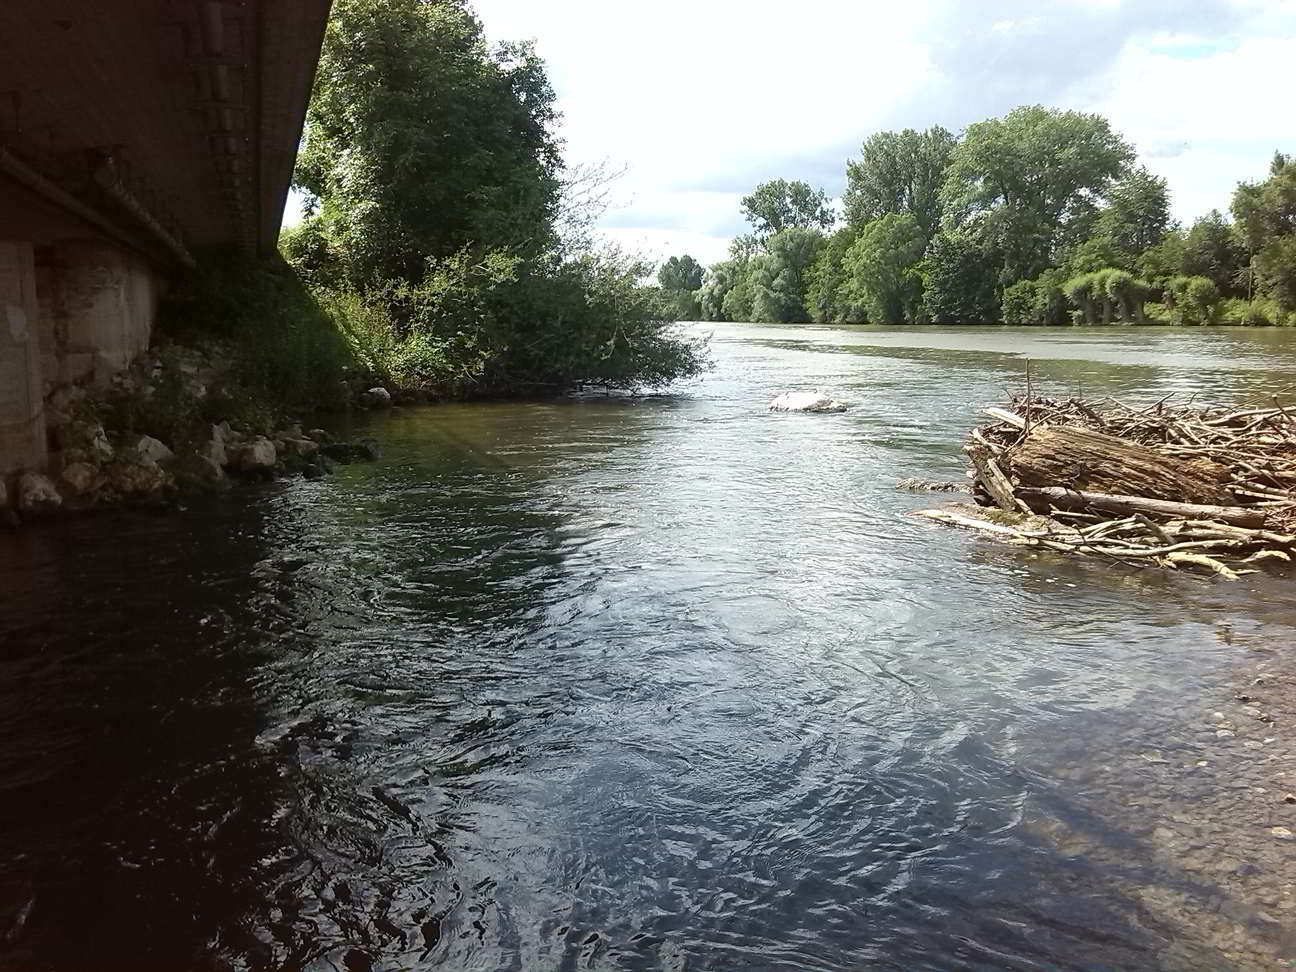 Bachmündung in Fluss ein Hot Spot für Raubfische